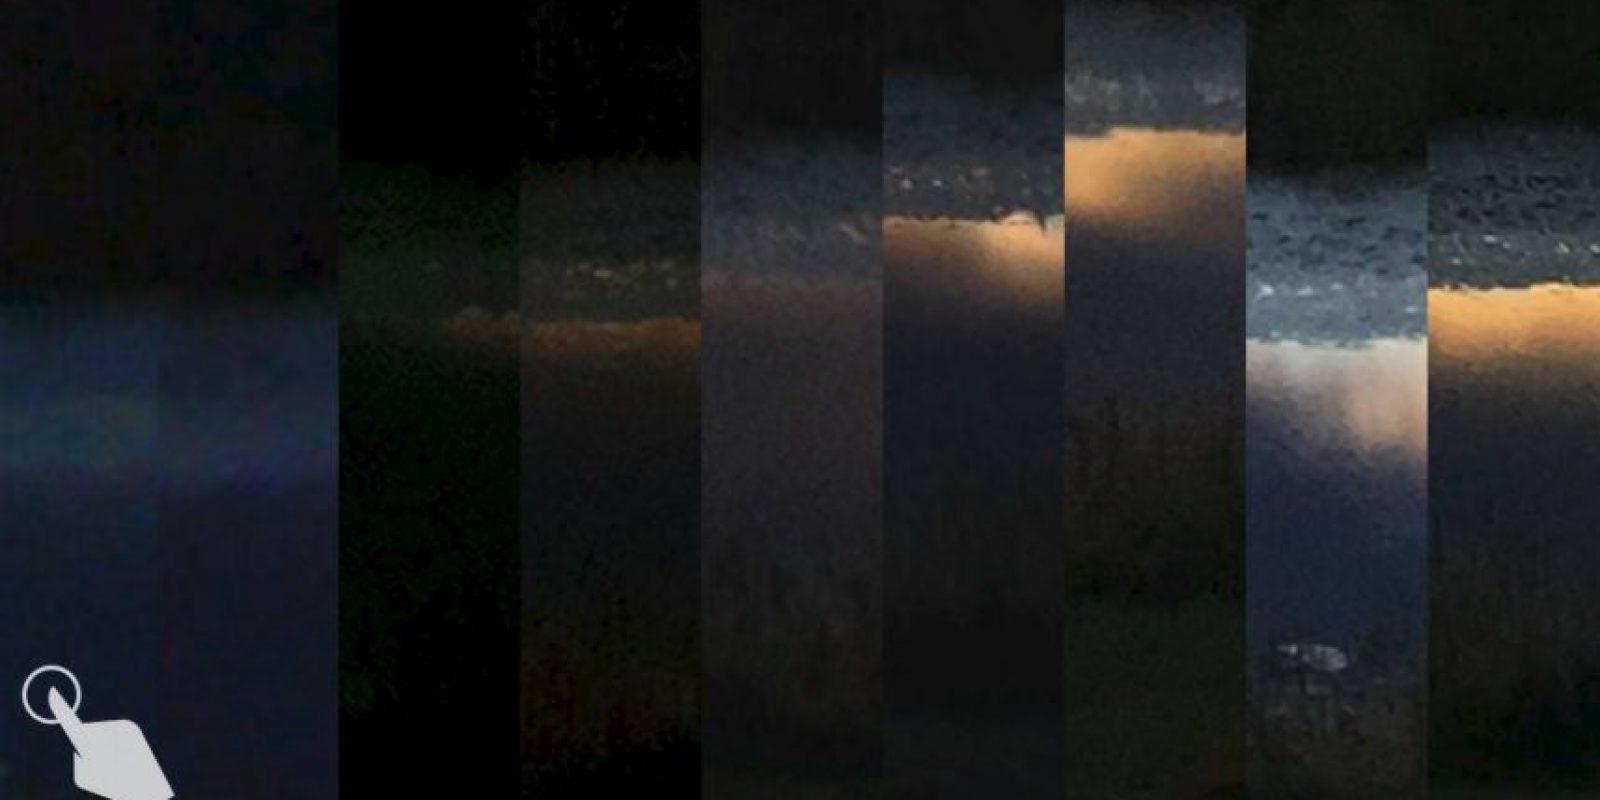 Desde el primer iPhone hasta el modelo 6s Foto:Lisa Bettany/snapsnapsnap.photos